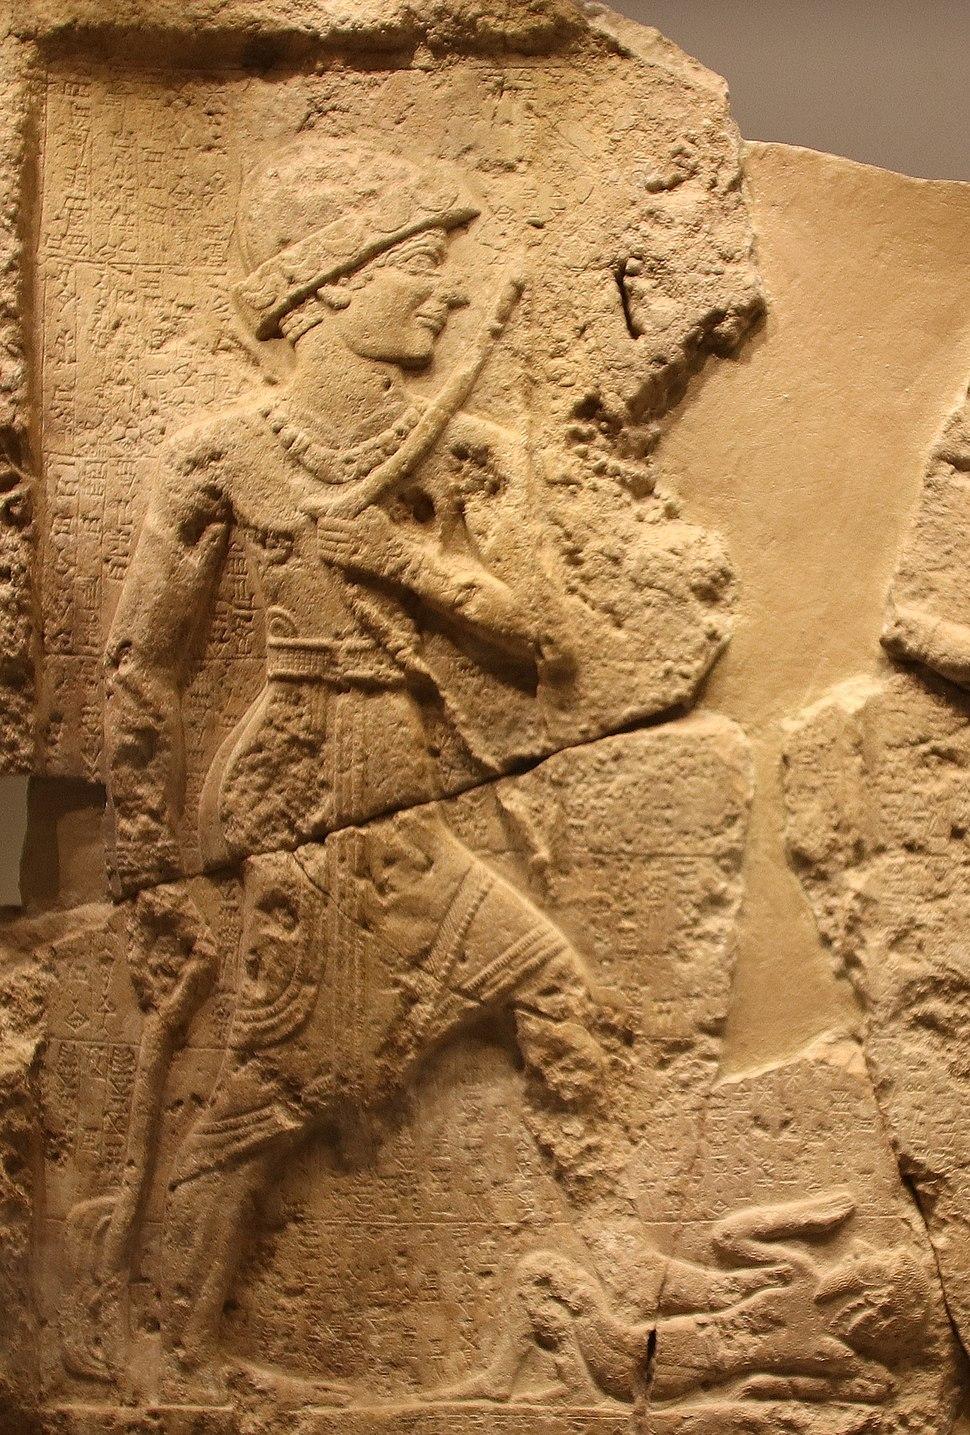 Rock Relief of Iddin-Sin, King of Simurrum